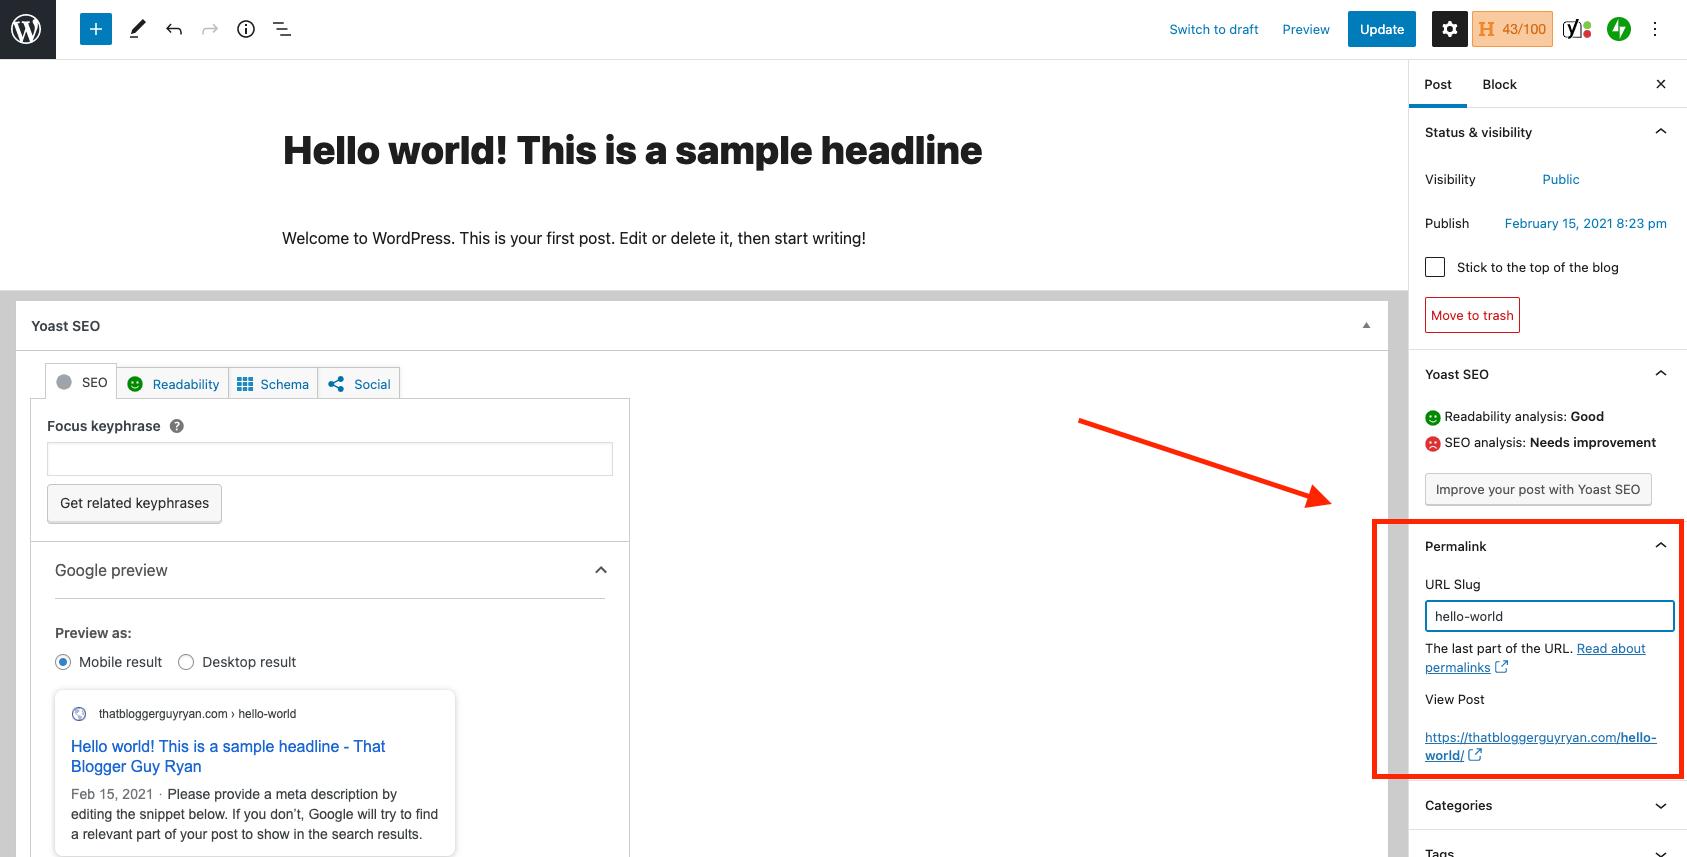 كيفية تغيير الرابط الثابت في WordPress (لقطة شاشة محرر جوتنبرج)